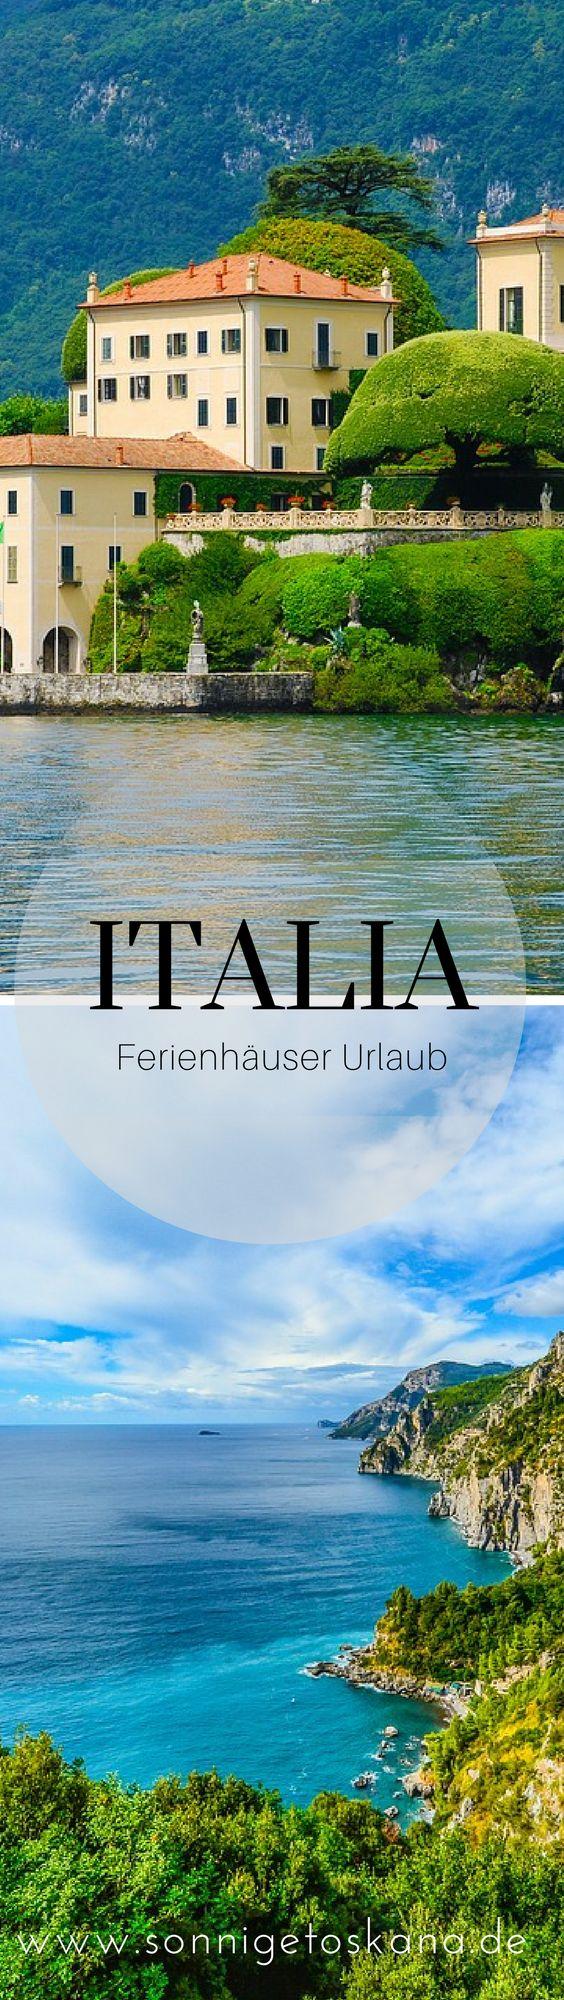 Weitere Ideen zu Ferien in italien, Ferienhaus toskana und Toskana ferien.